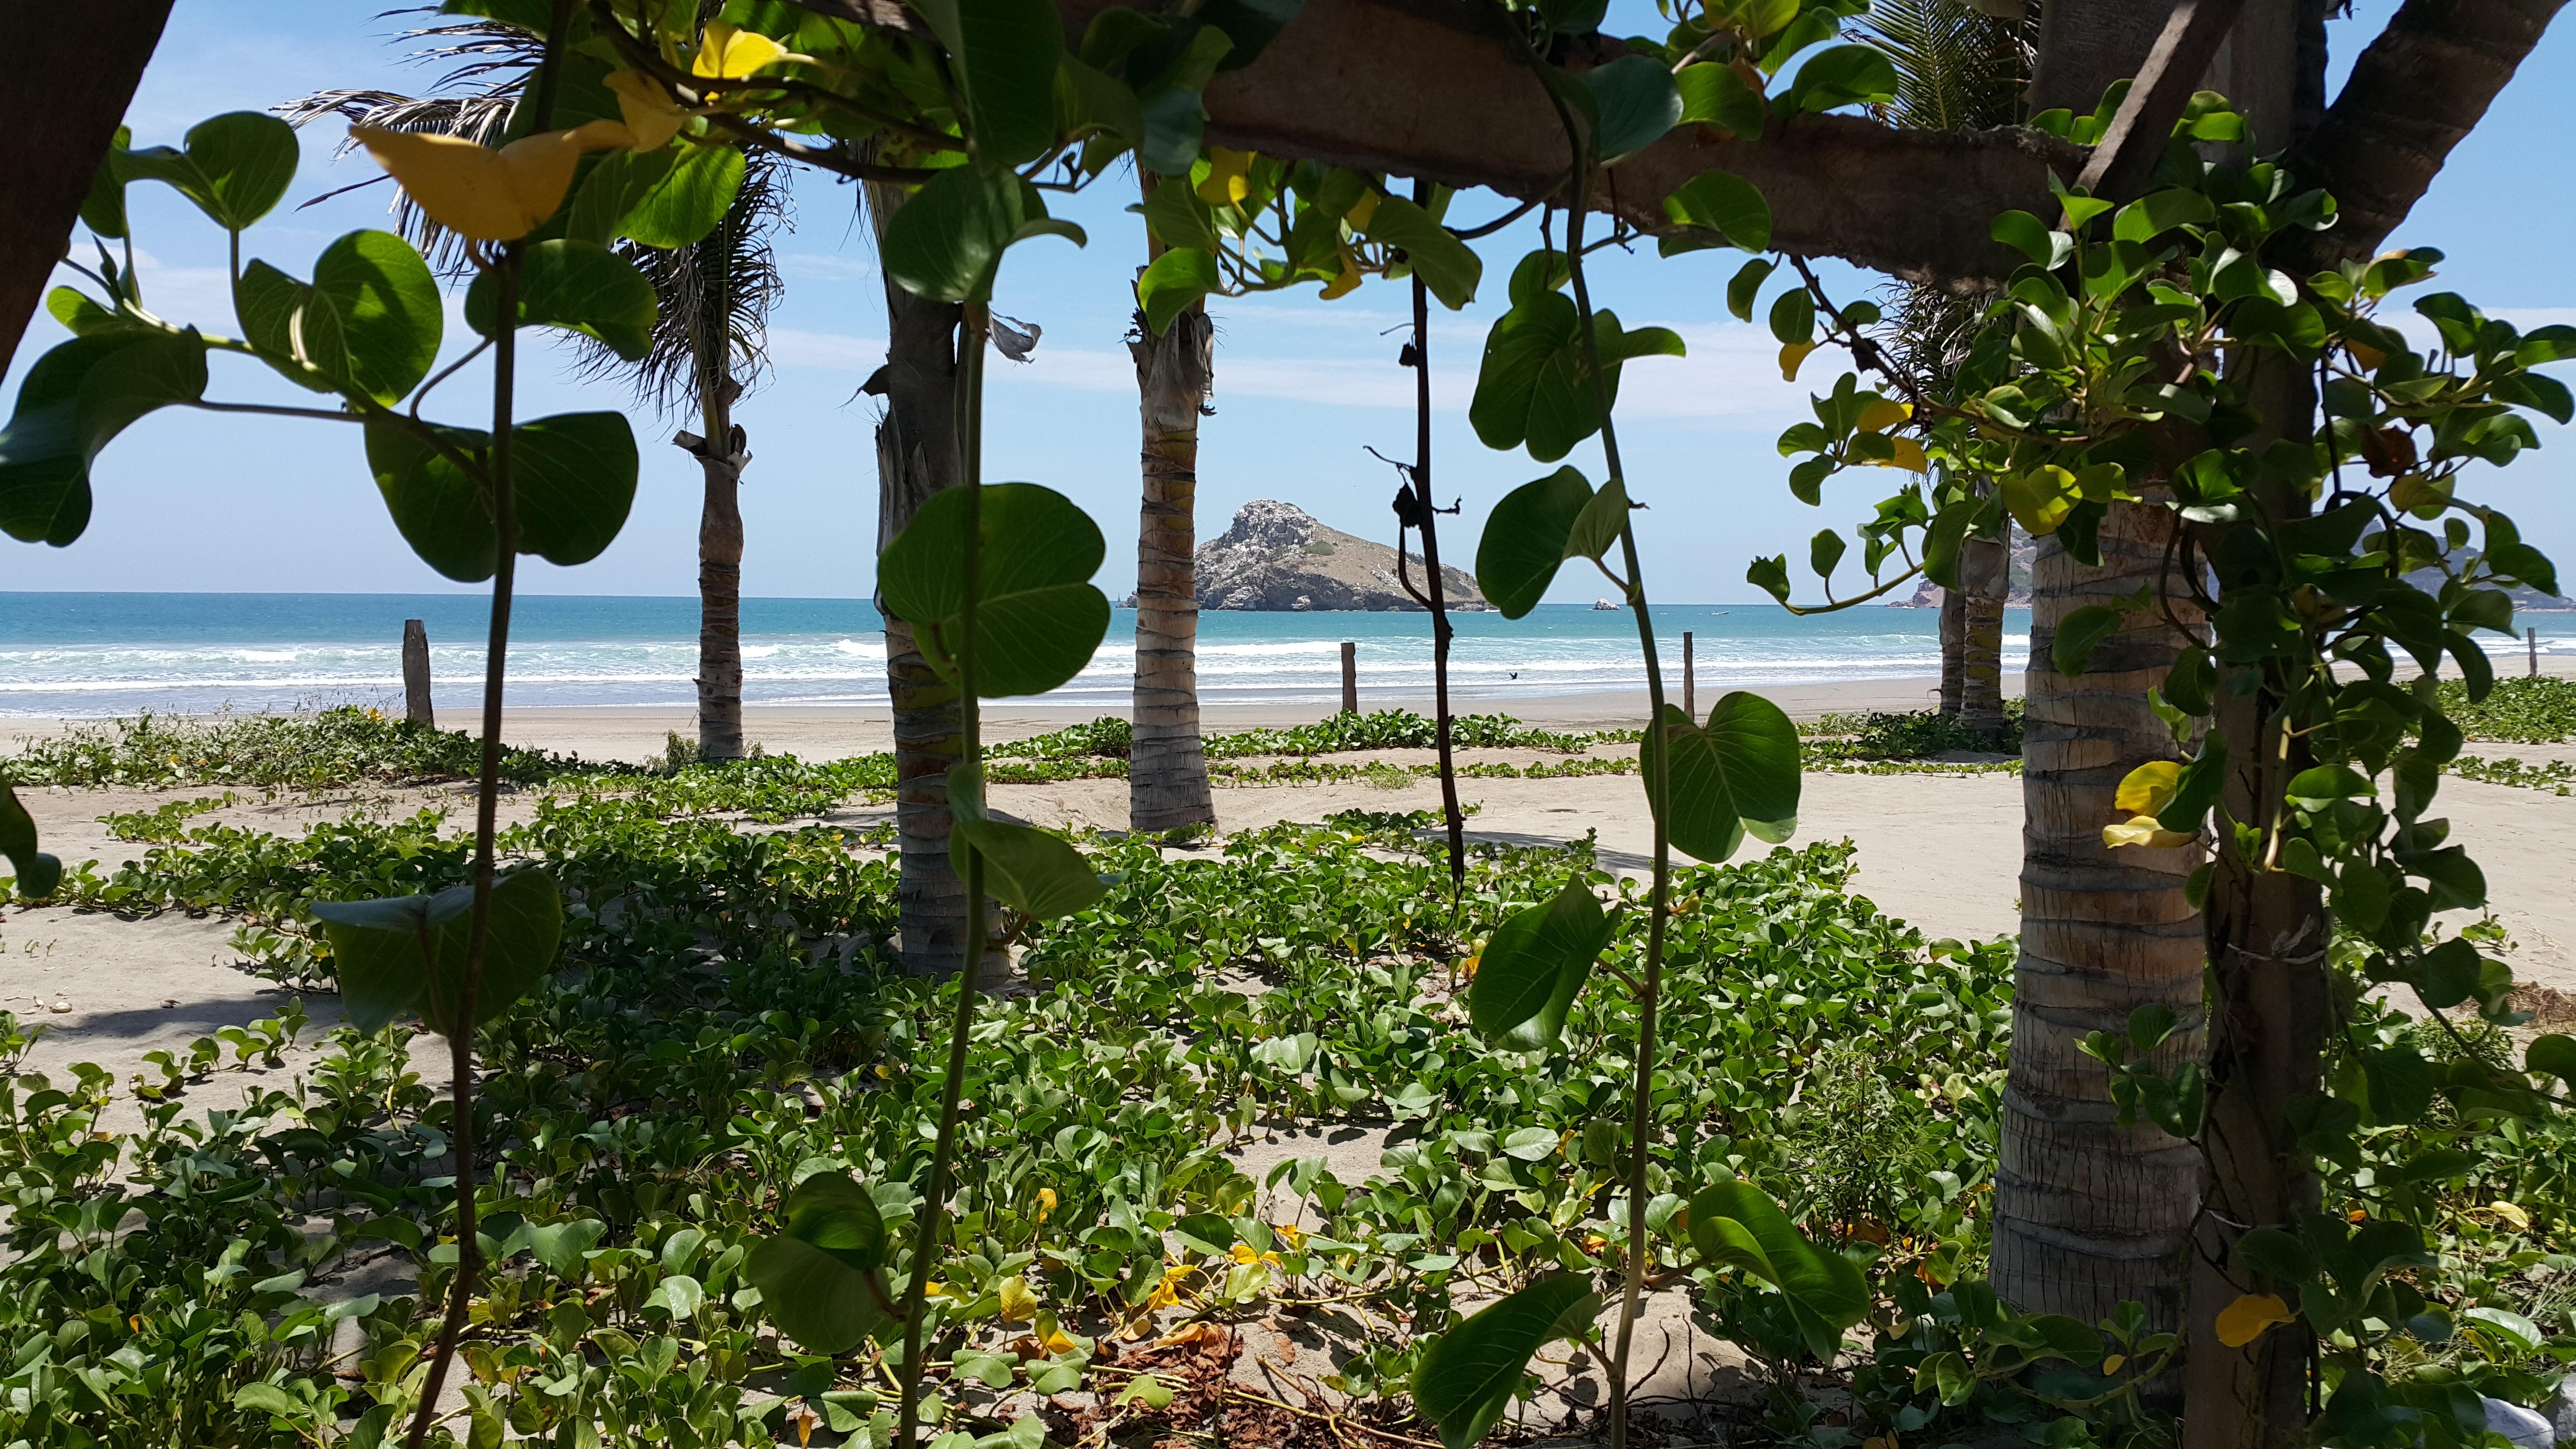 plage d'Amaitlan, station balnéaire mexicaine